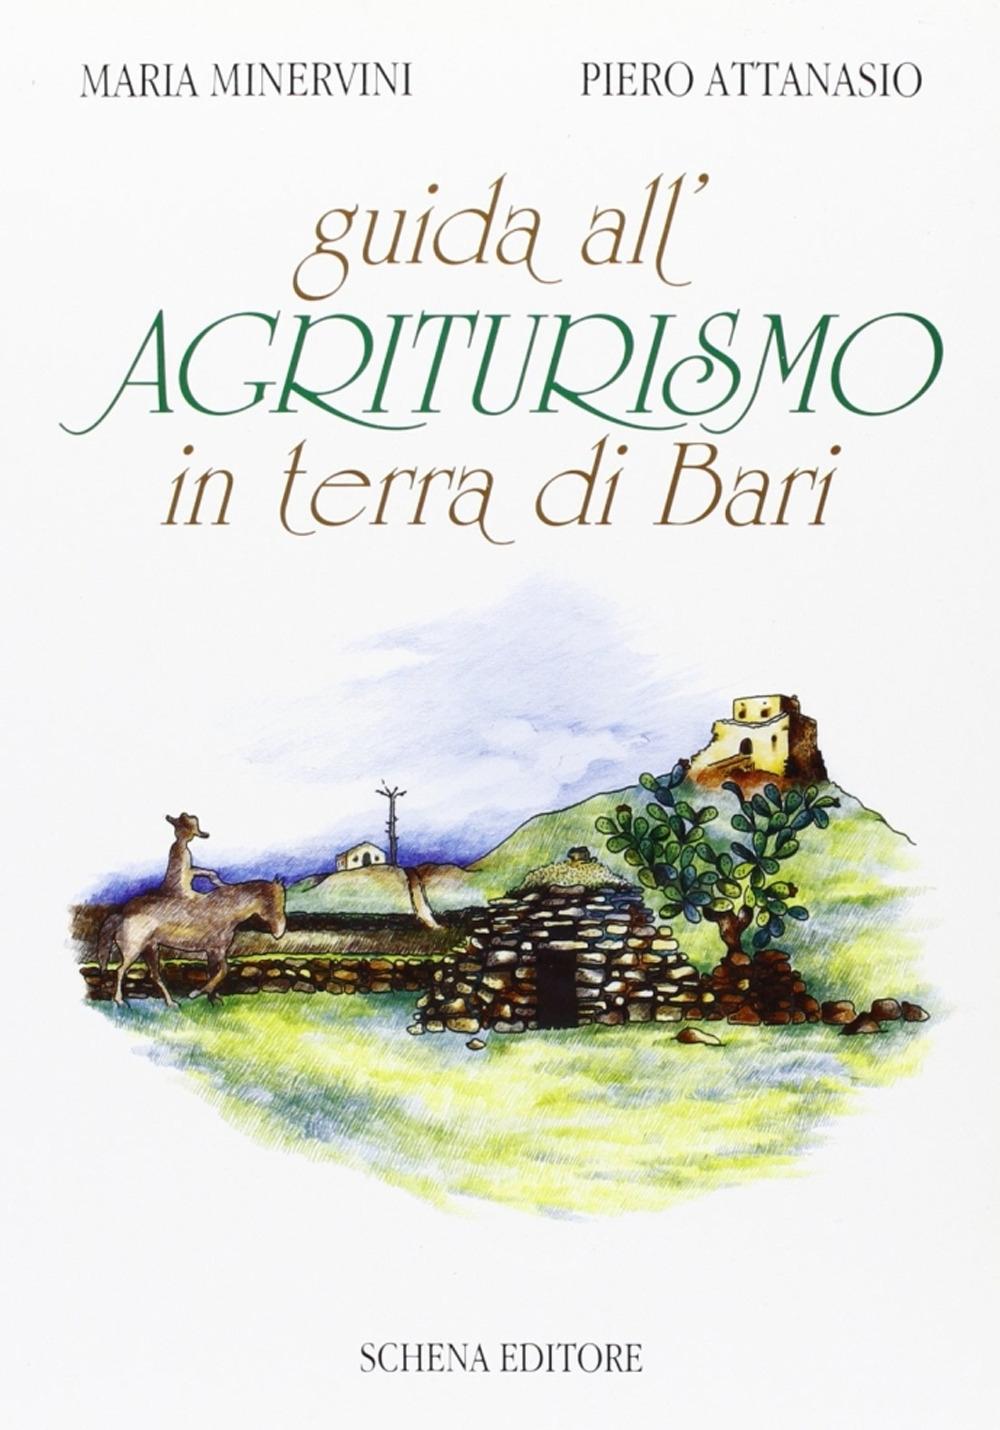 Guida all'agriturismo in Terra di Bari